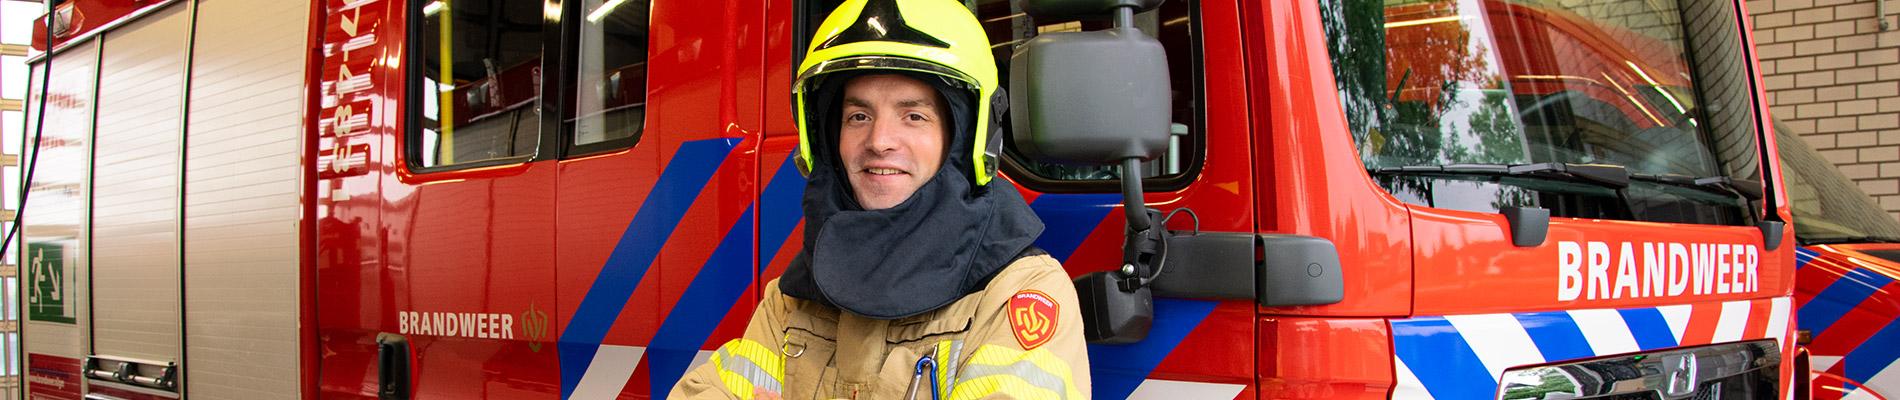 IZA collectieve zorgverzekering (vrijwillige) brandweer